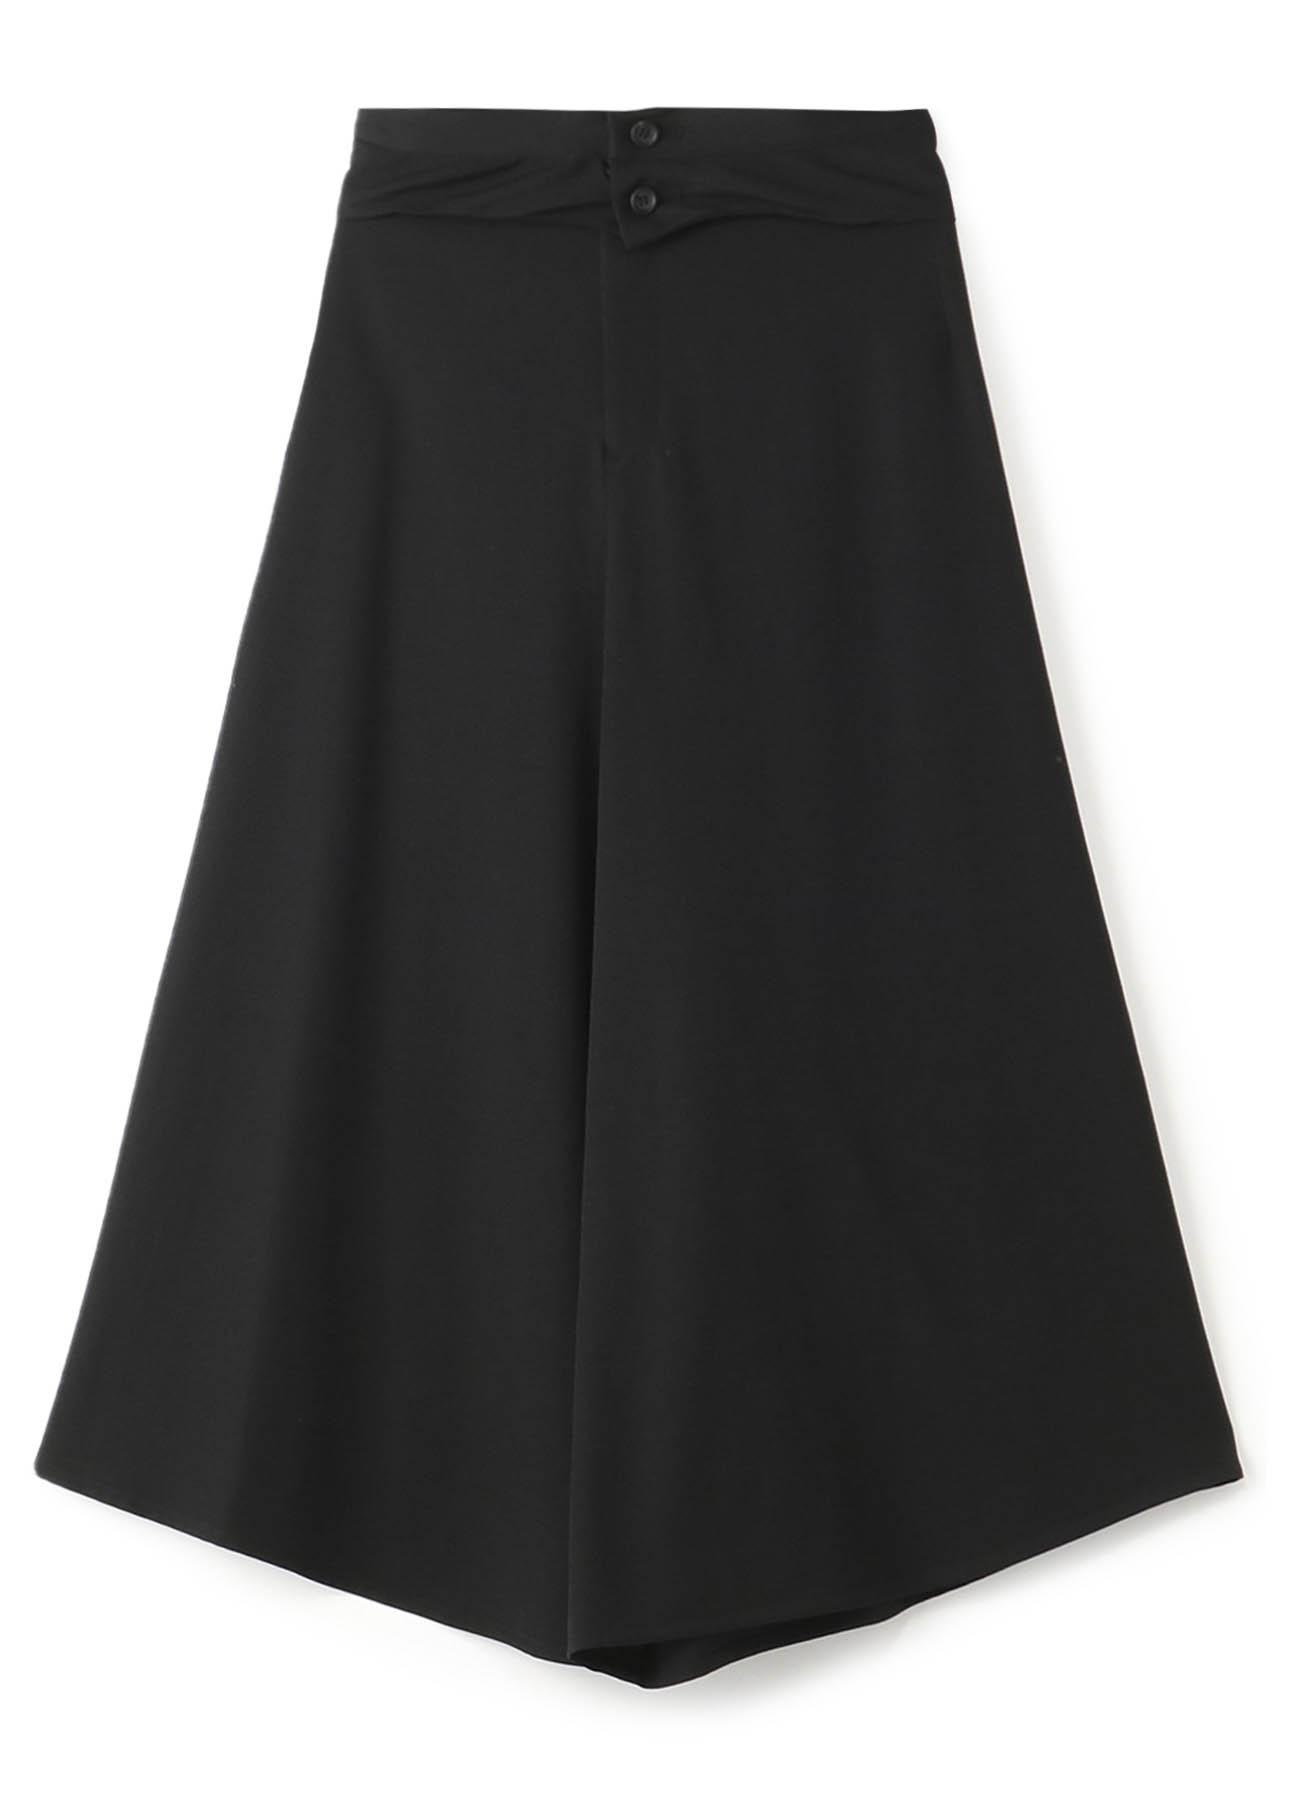 シワギャバ スカート風パンツ